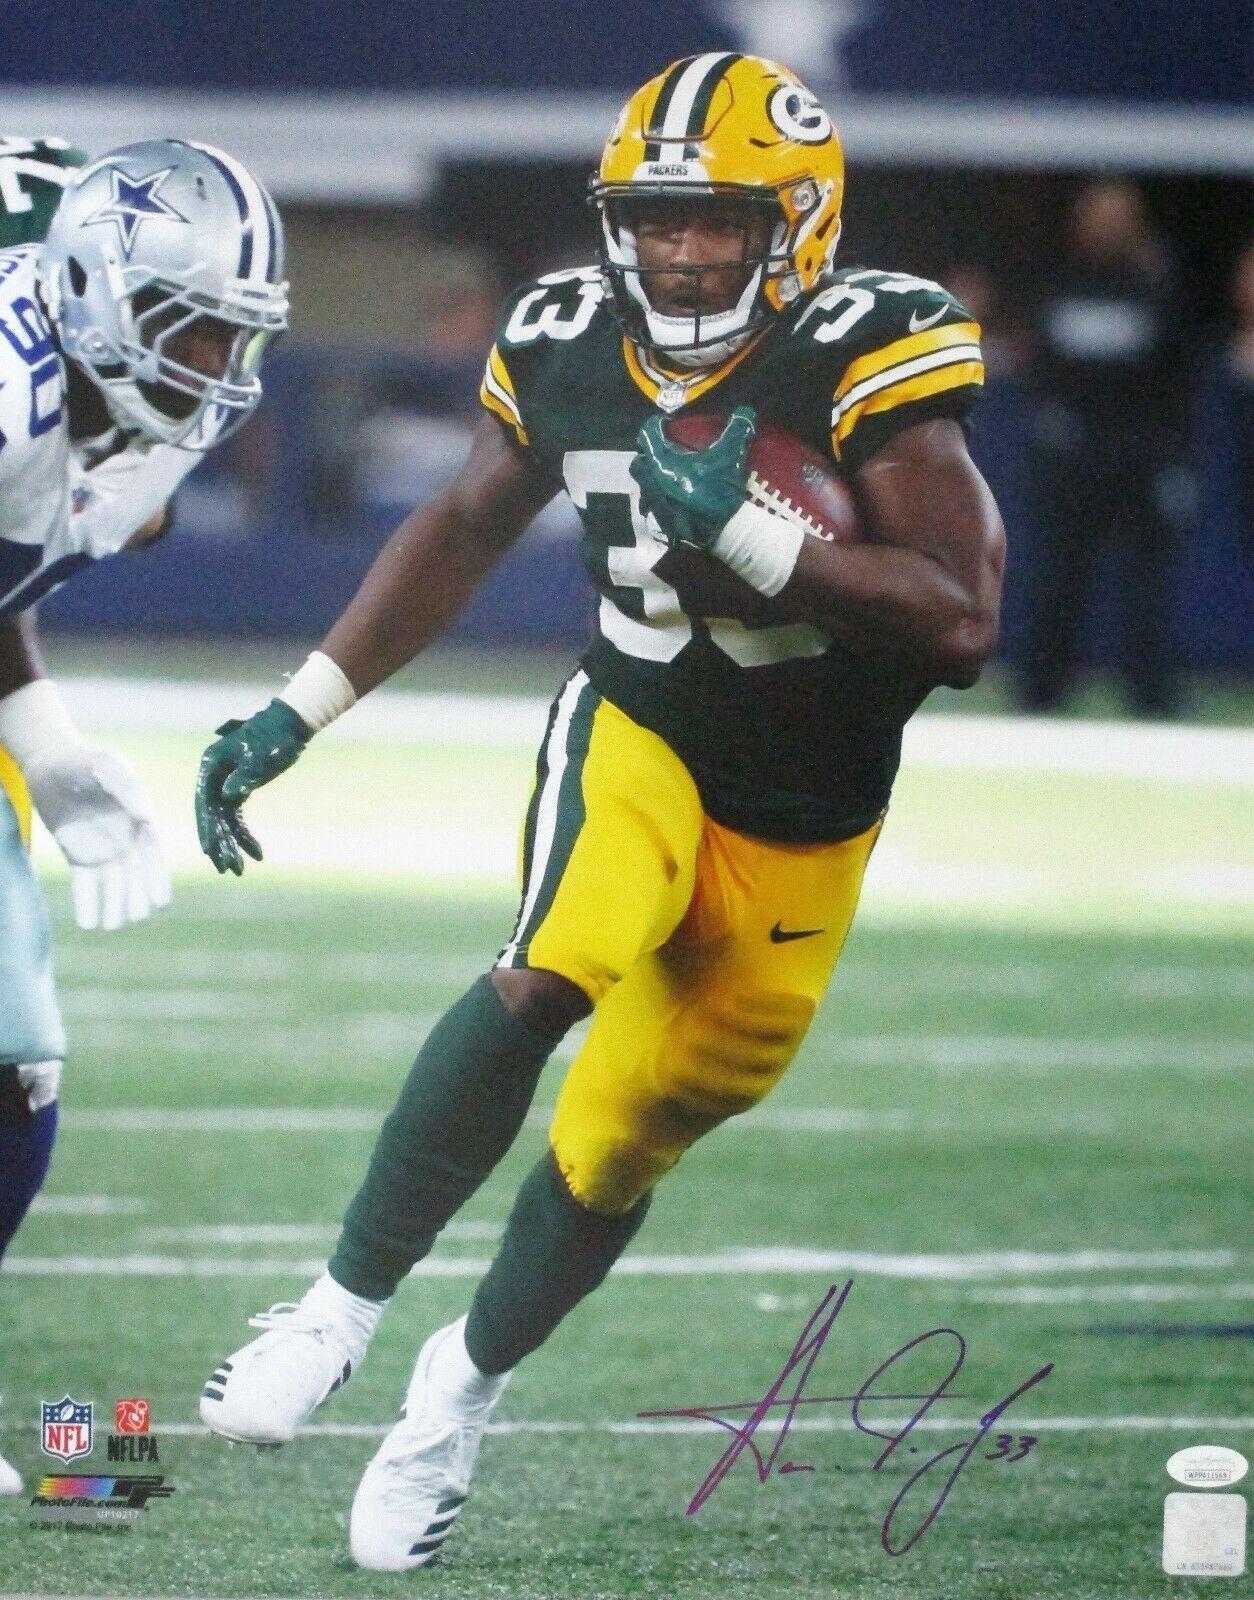 Packers Running Back Aaron Jones Signed 16x20 Photo 2 Auto 17 Draft Pick Jsa Running Back Jones Sign Packers